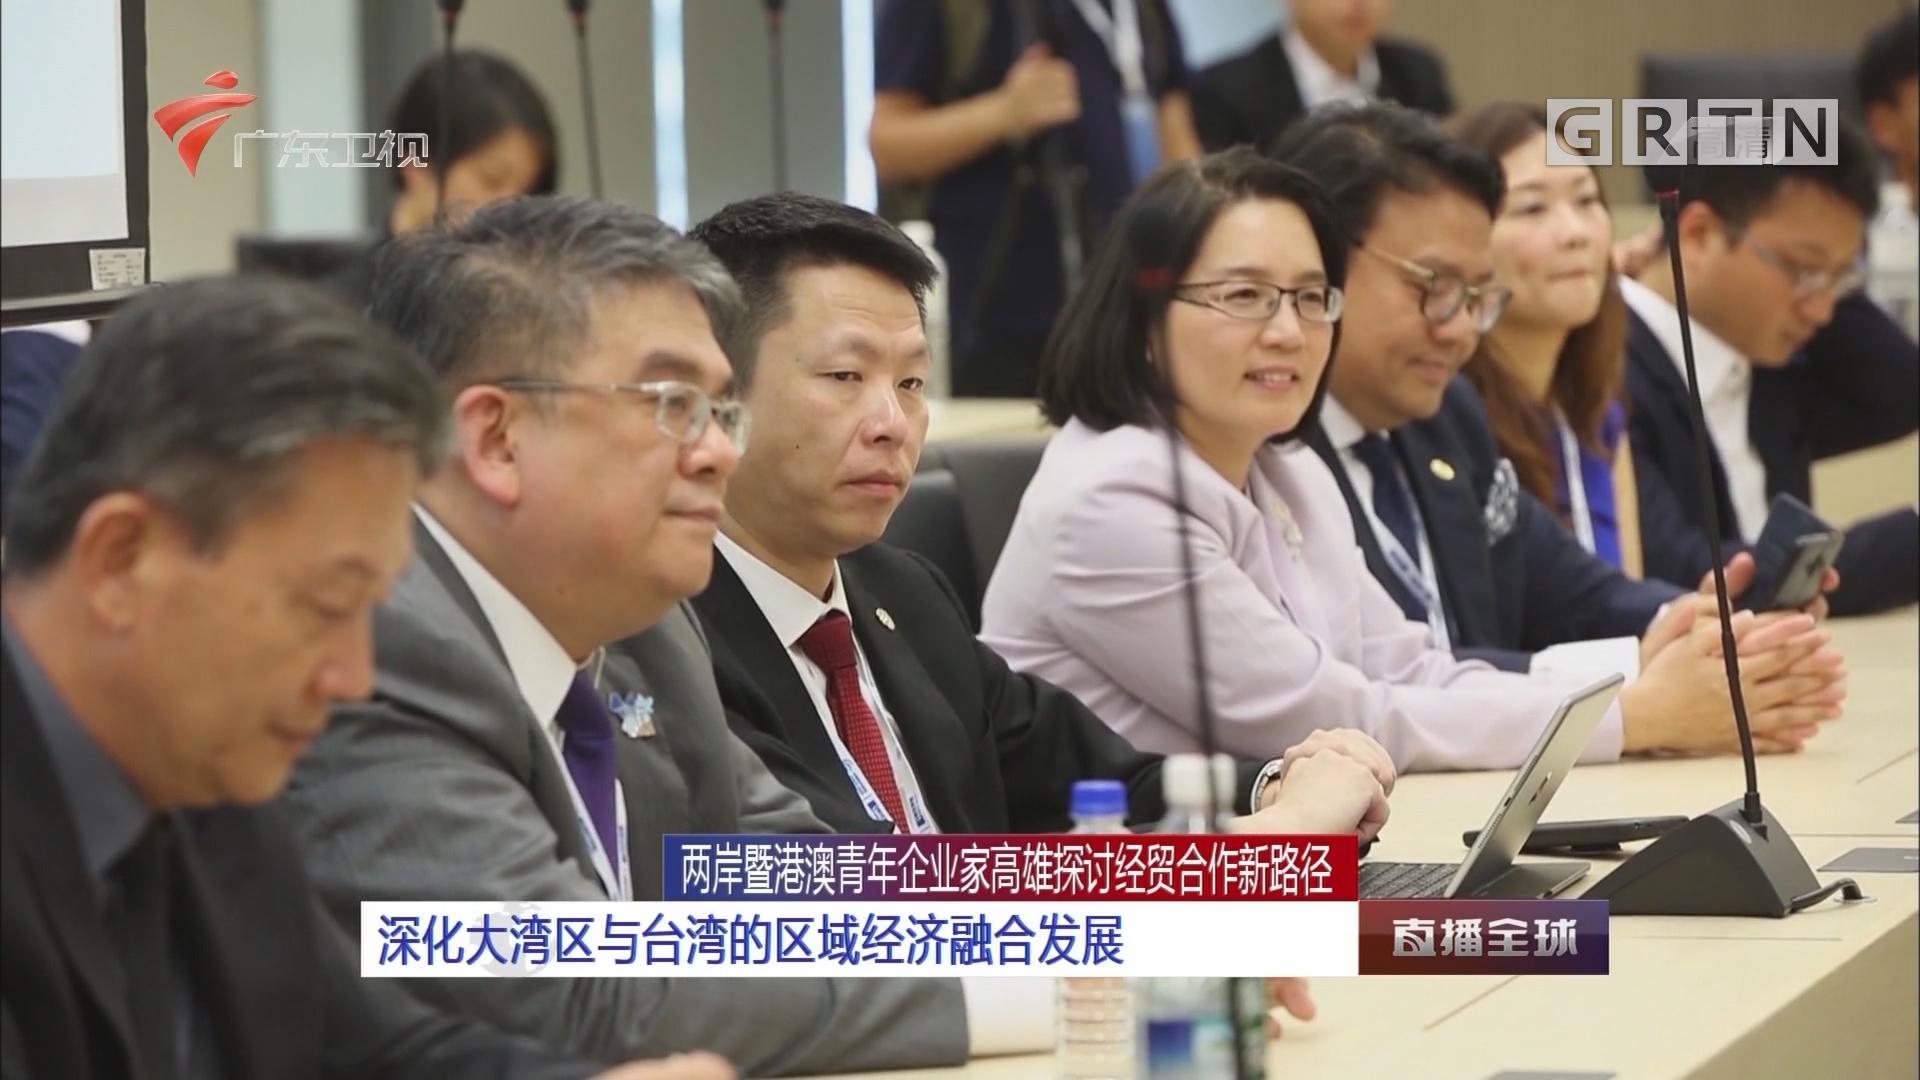 两岸暨港澳青年企业家高雄探讨经贸合作新路径:深化大湾区与台湾的区域经济融合发展